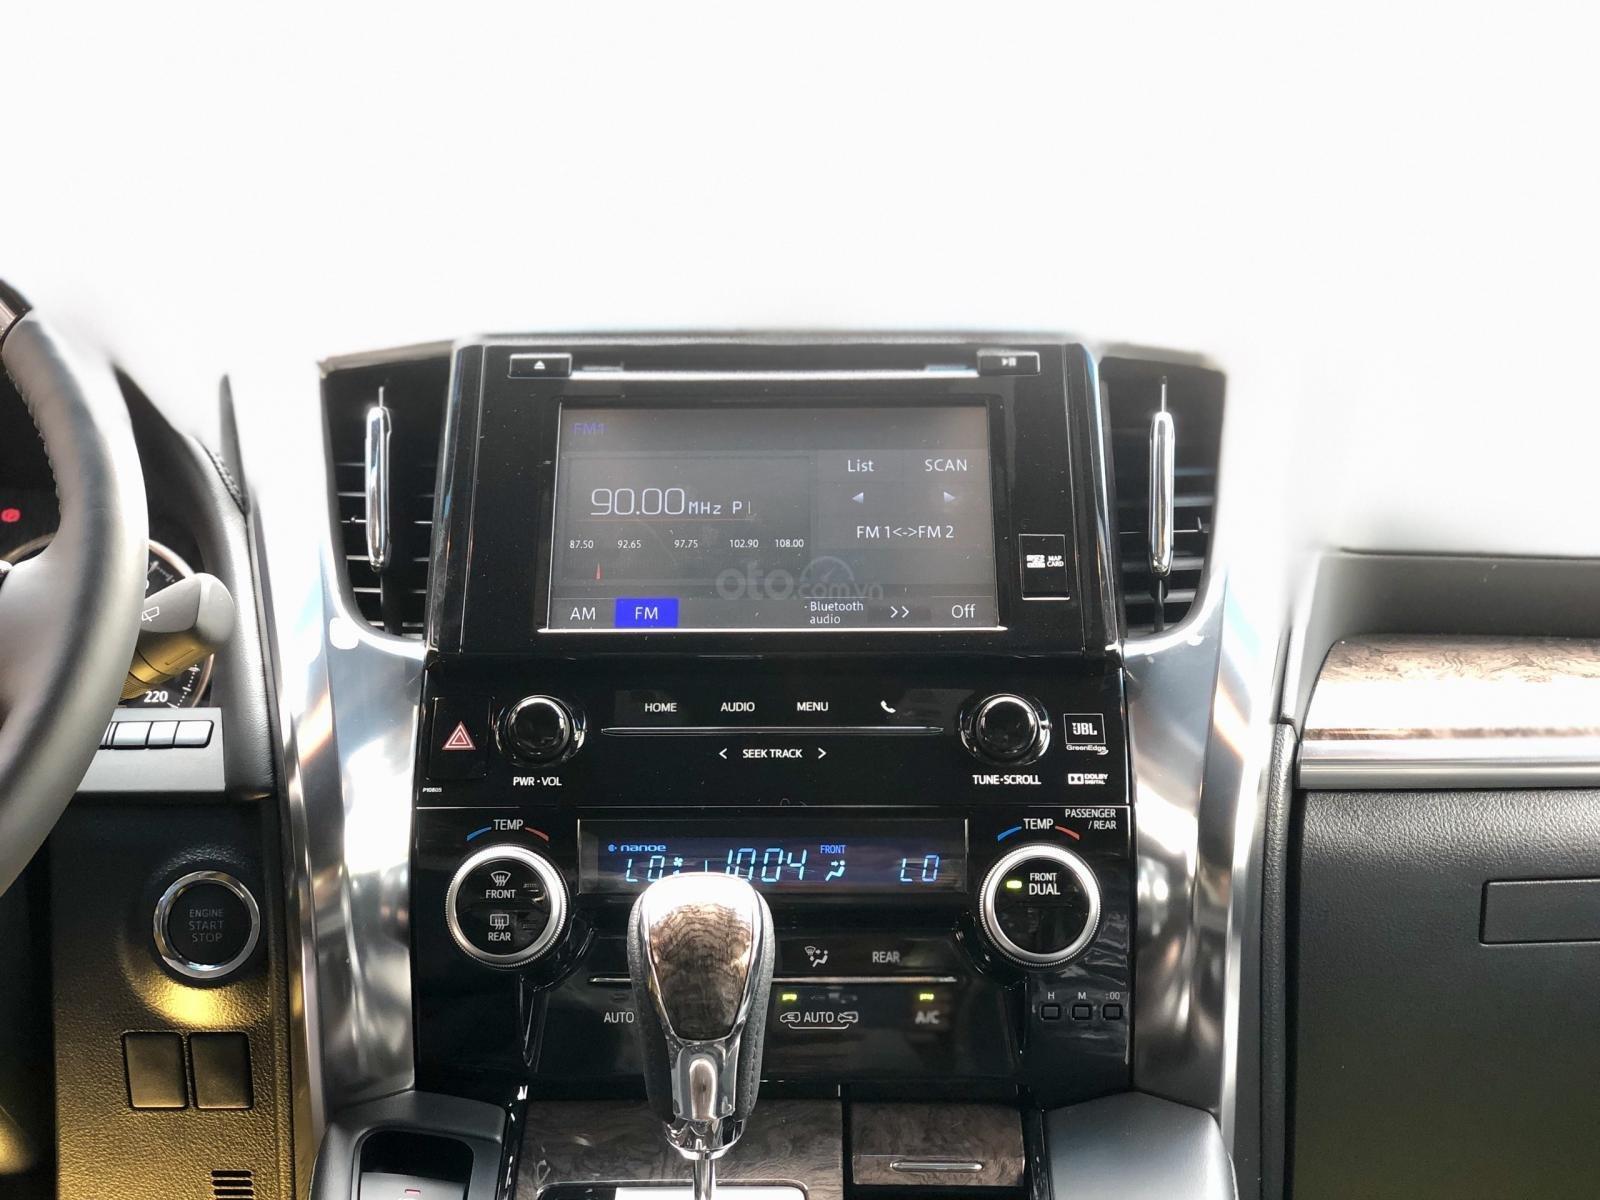 Giao ngay Toyota Alphard Excutive Lounge 2019, xe mới có sẵn ở showroom, LH Ms. Hương 094.539.2468 (14)